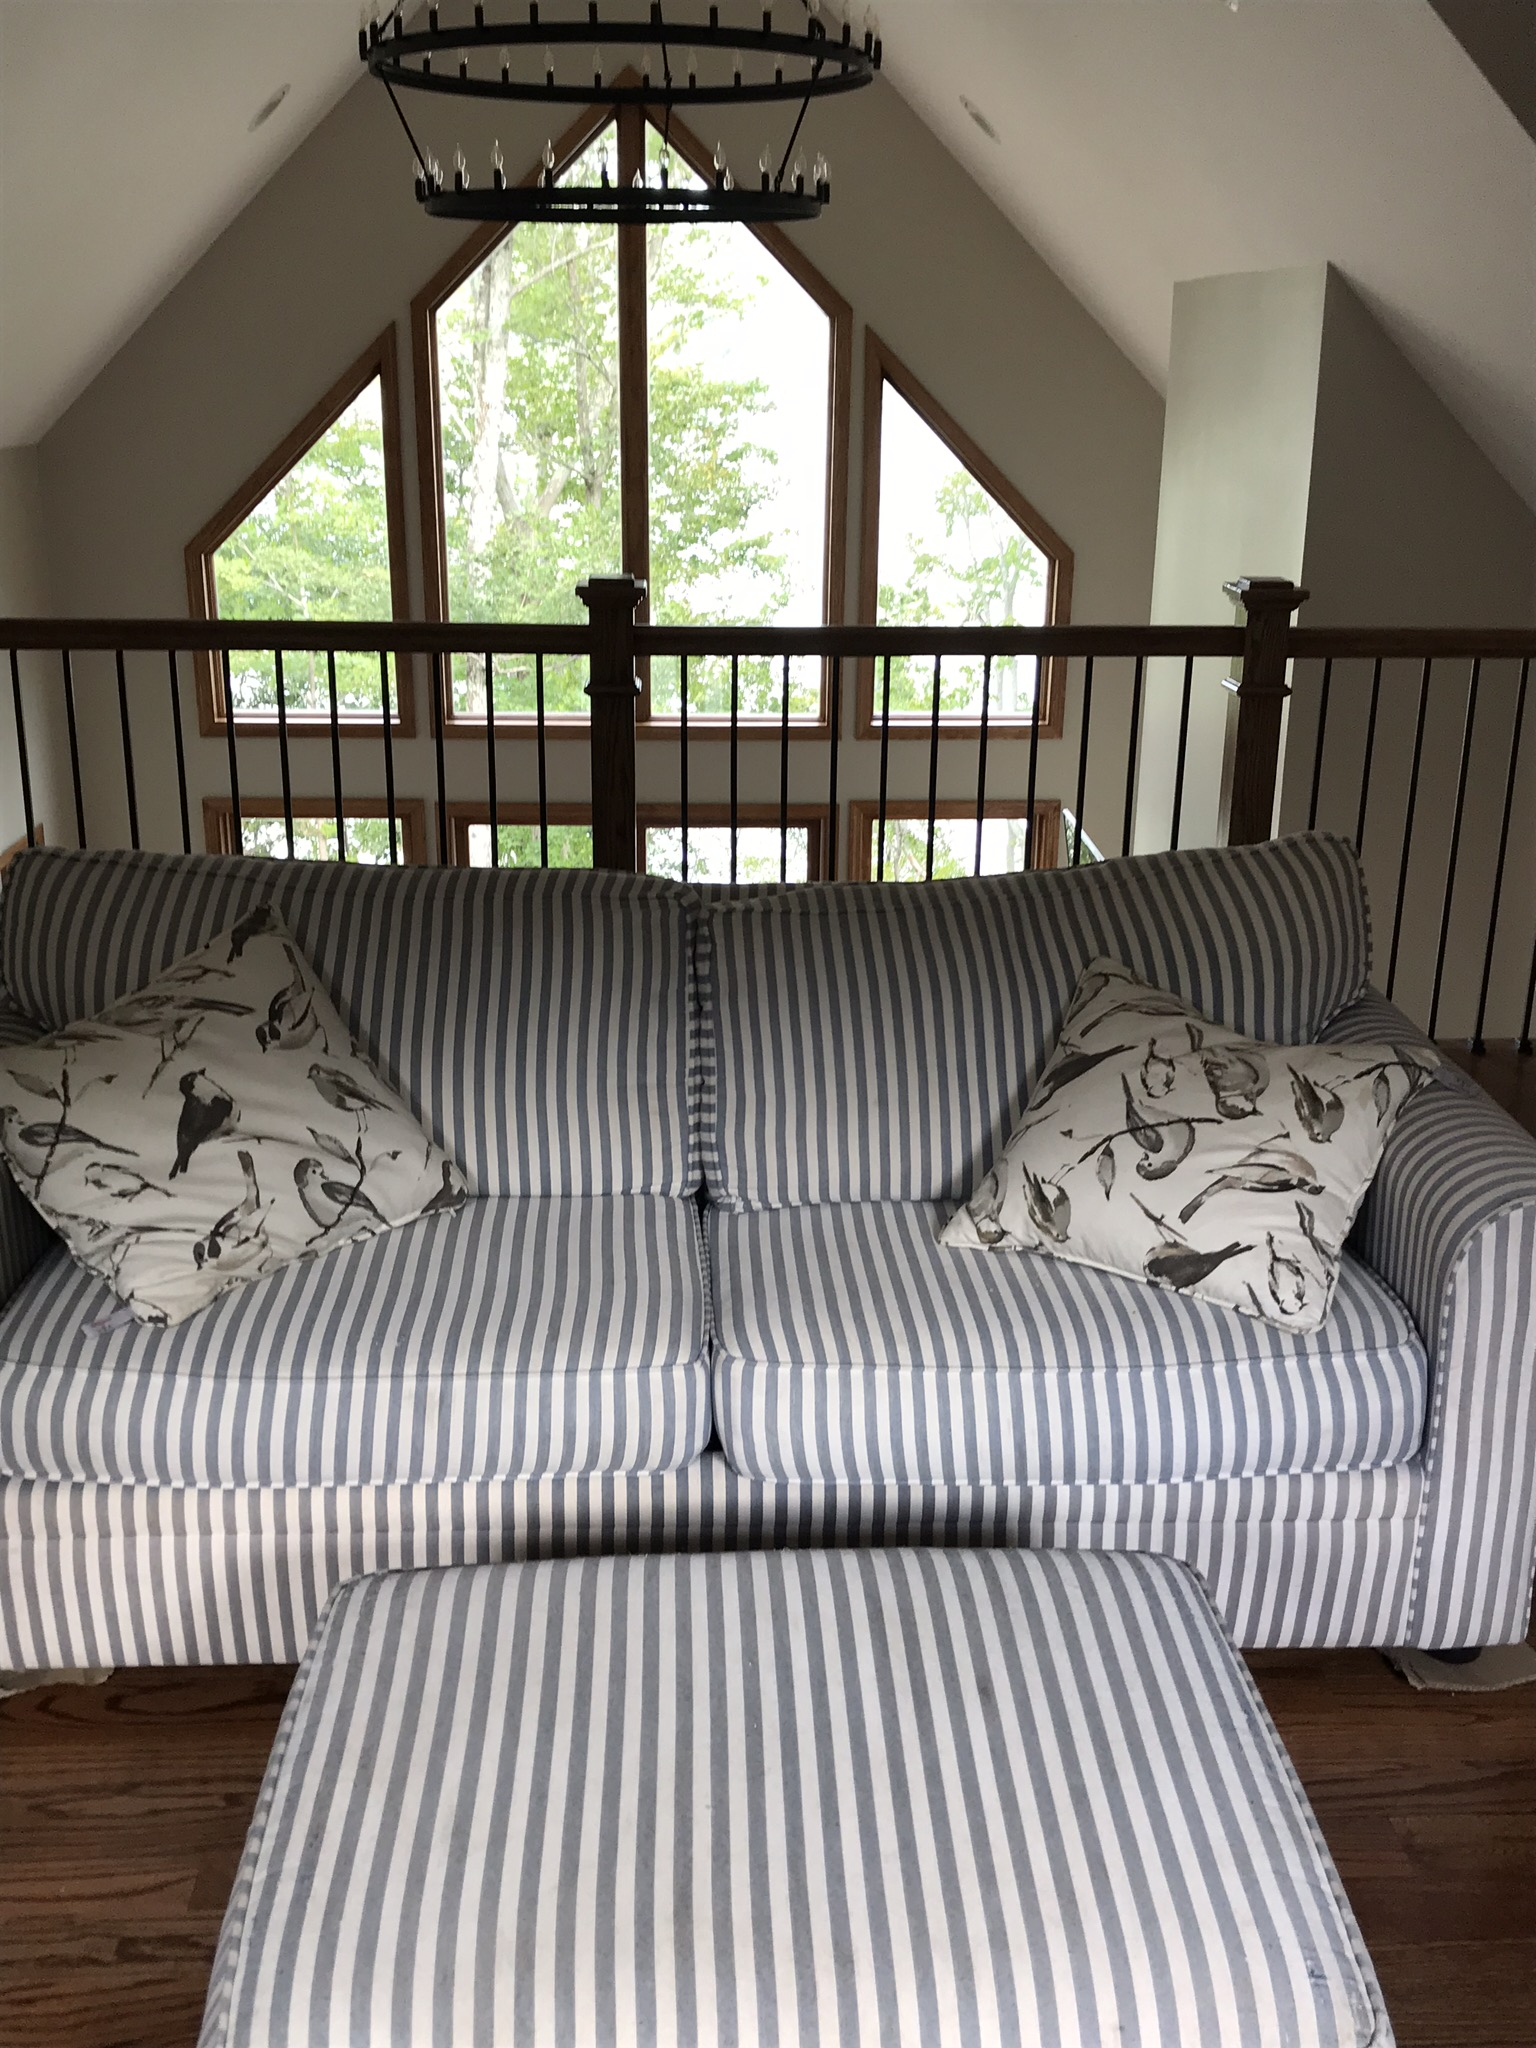 den couch.jpg